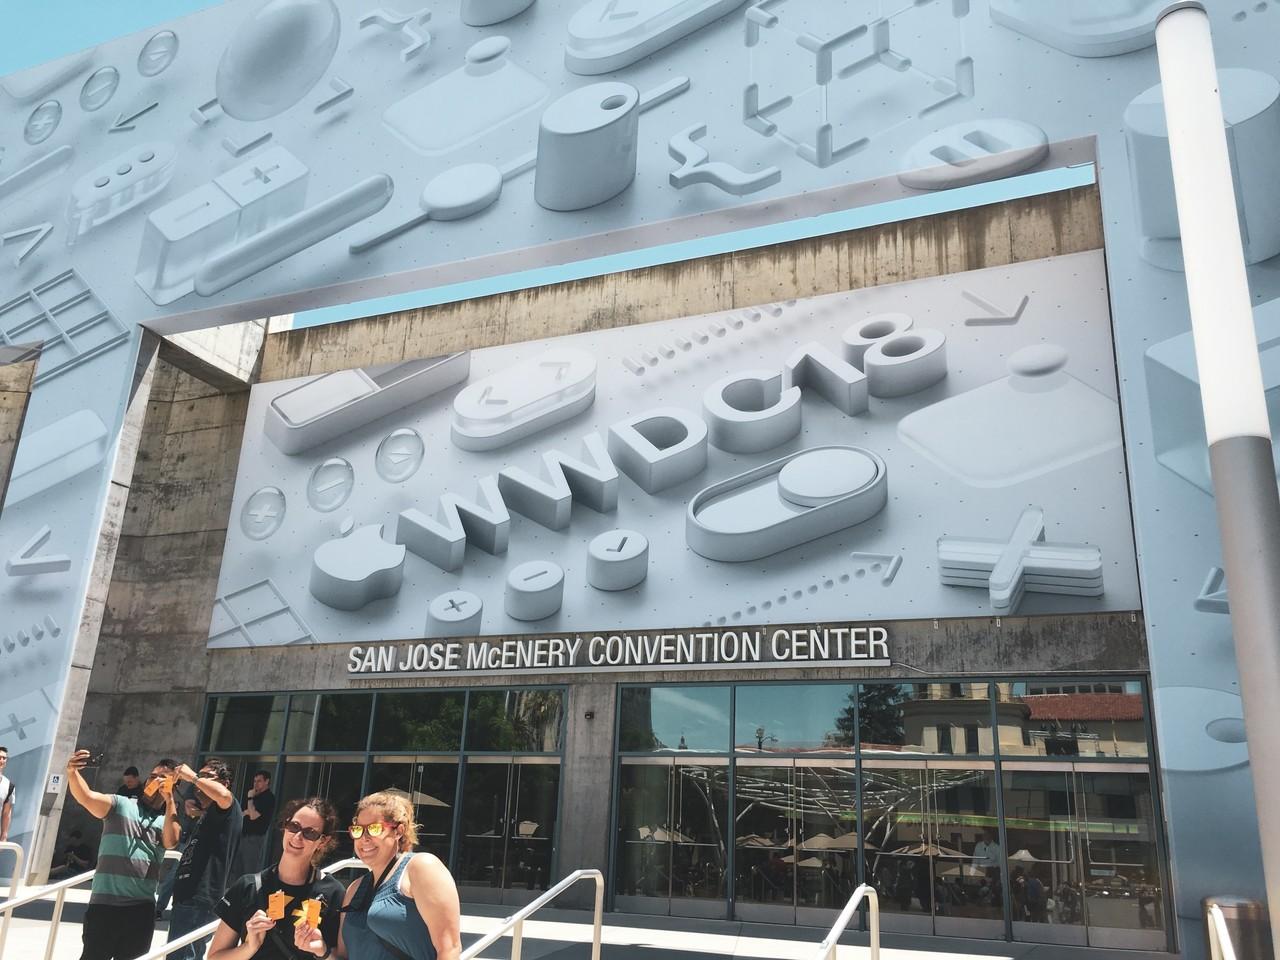 hey@WWDC2018! ただいまWWDCに来ており、現地の雰囲気を写真でお届けします!